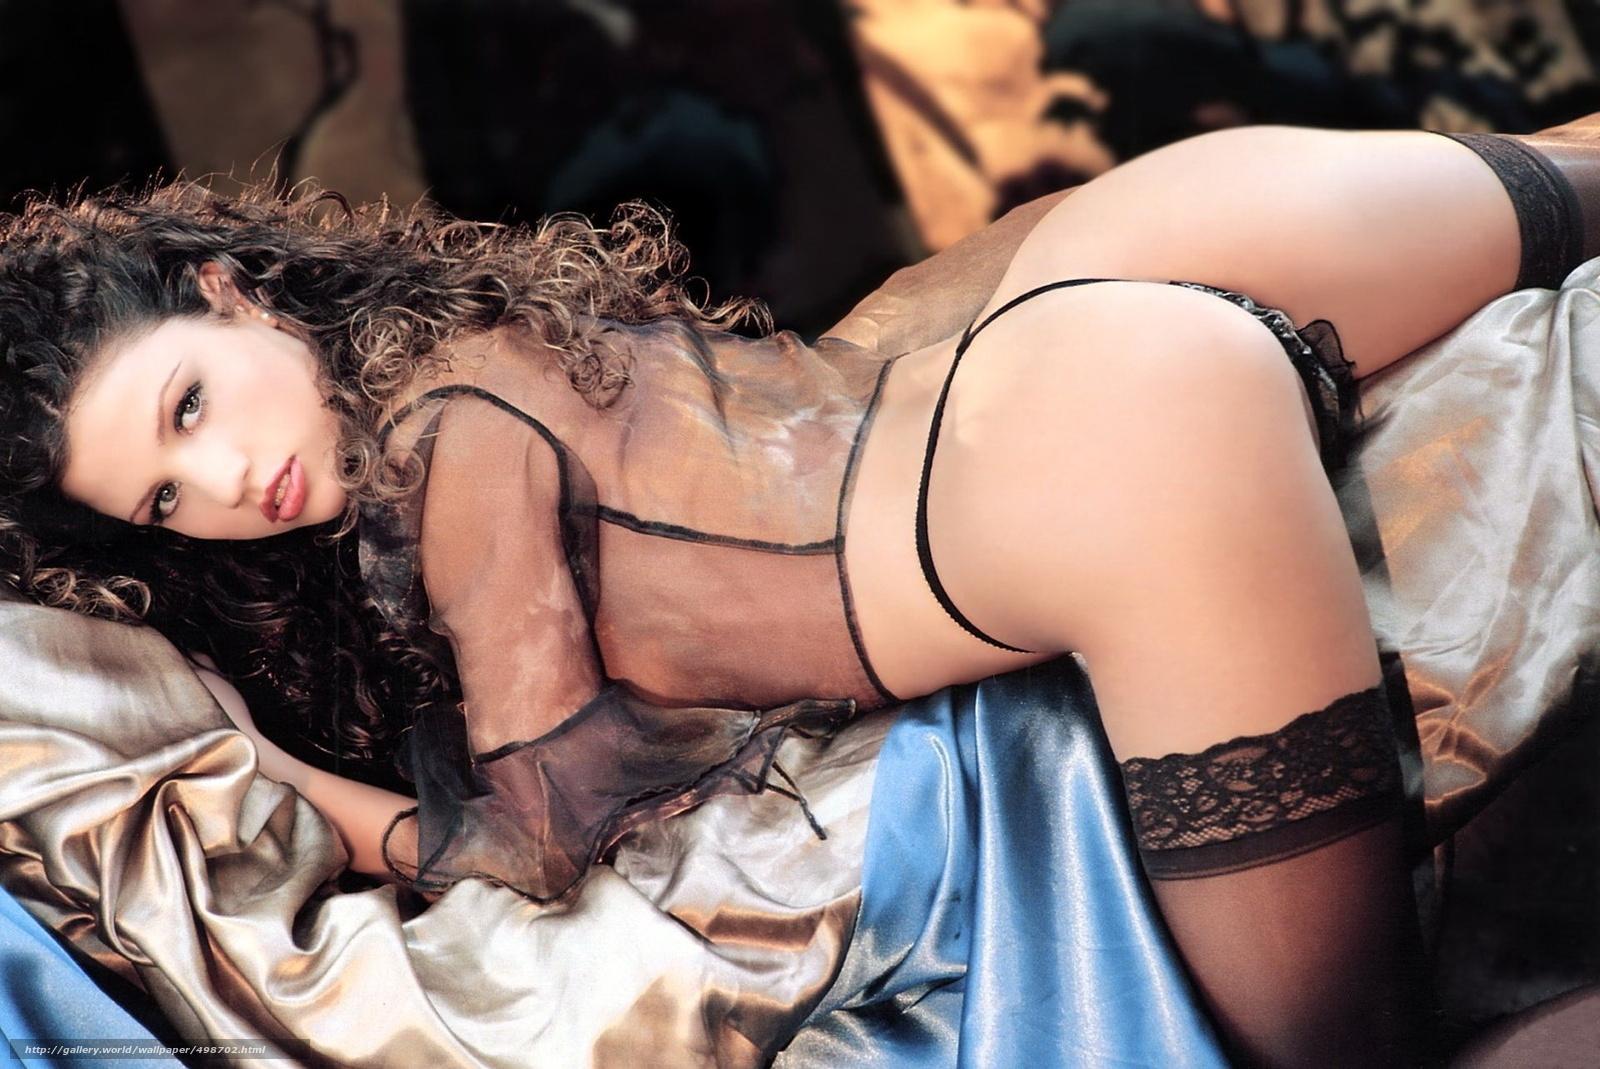 Самая красивая порно класика в билье 19 фотография